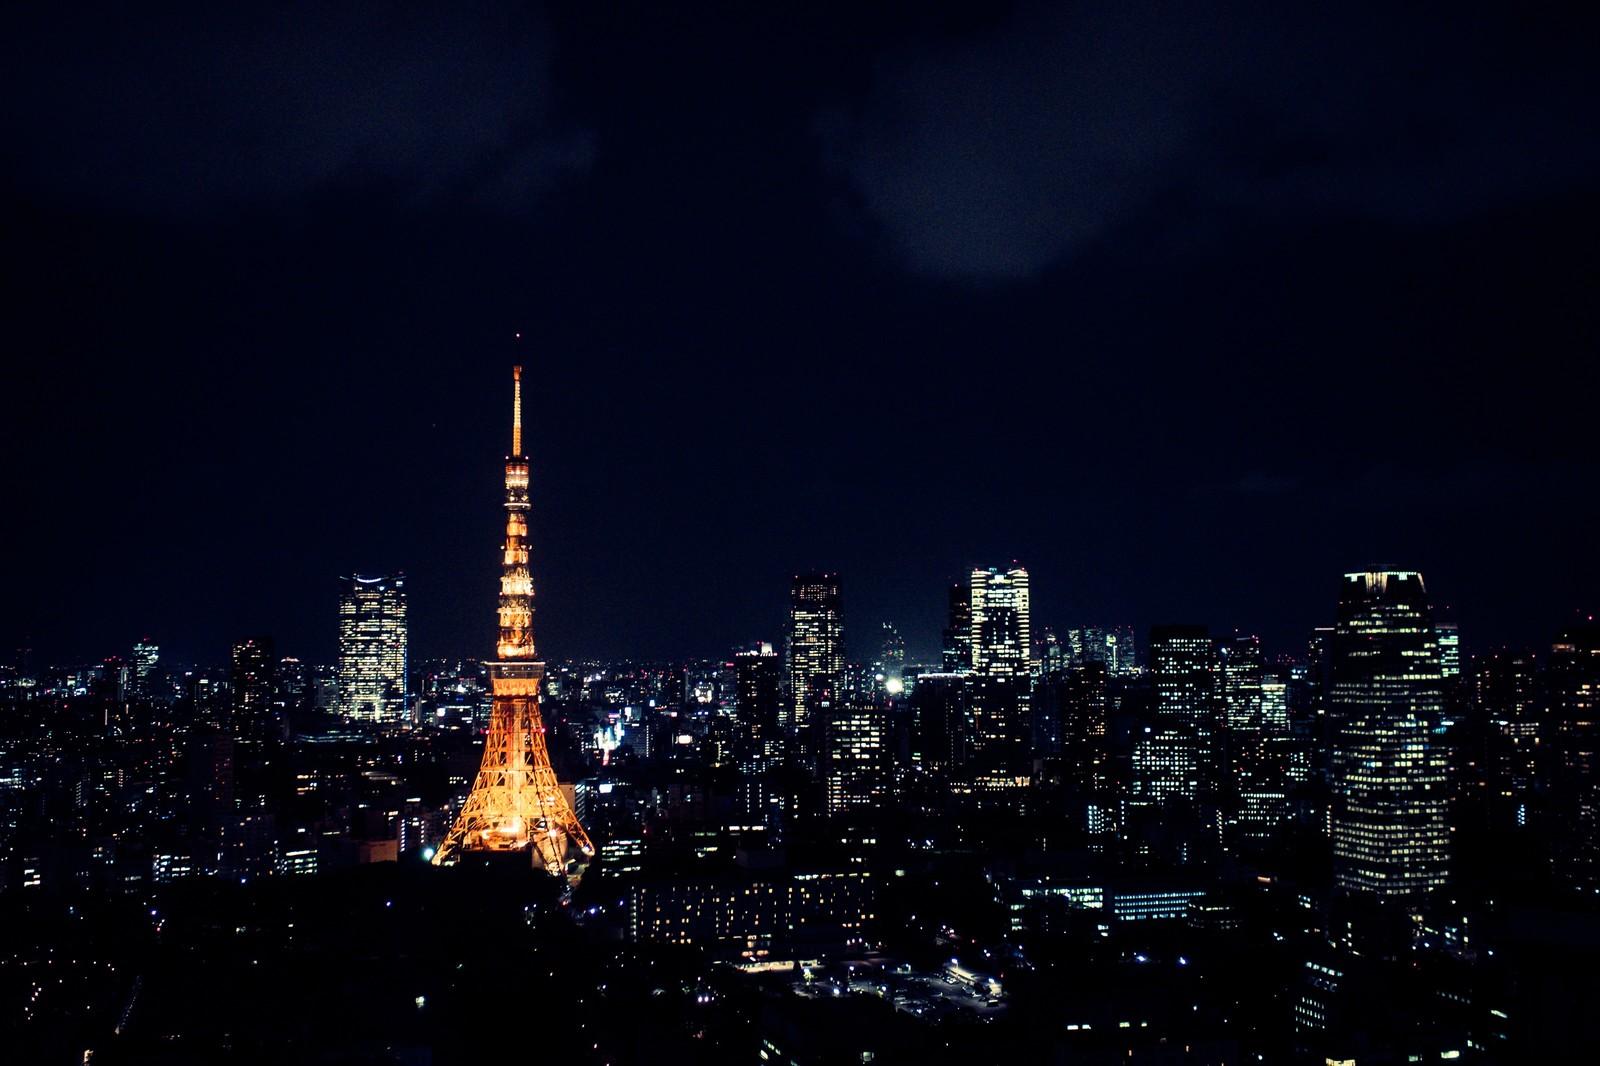 東京都内のハローワークの所在地と連絡先一覧(電話番号・FAX番号)